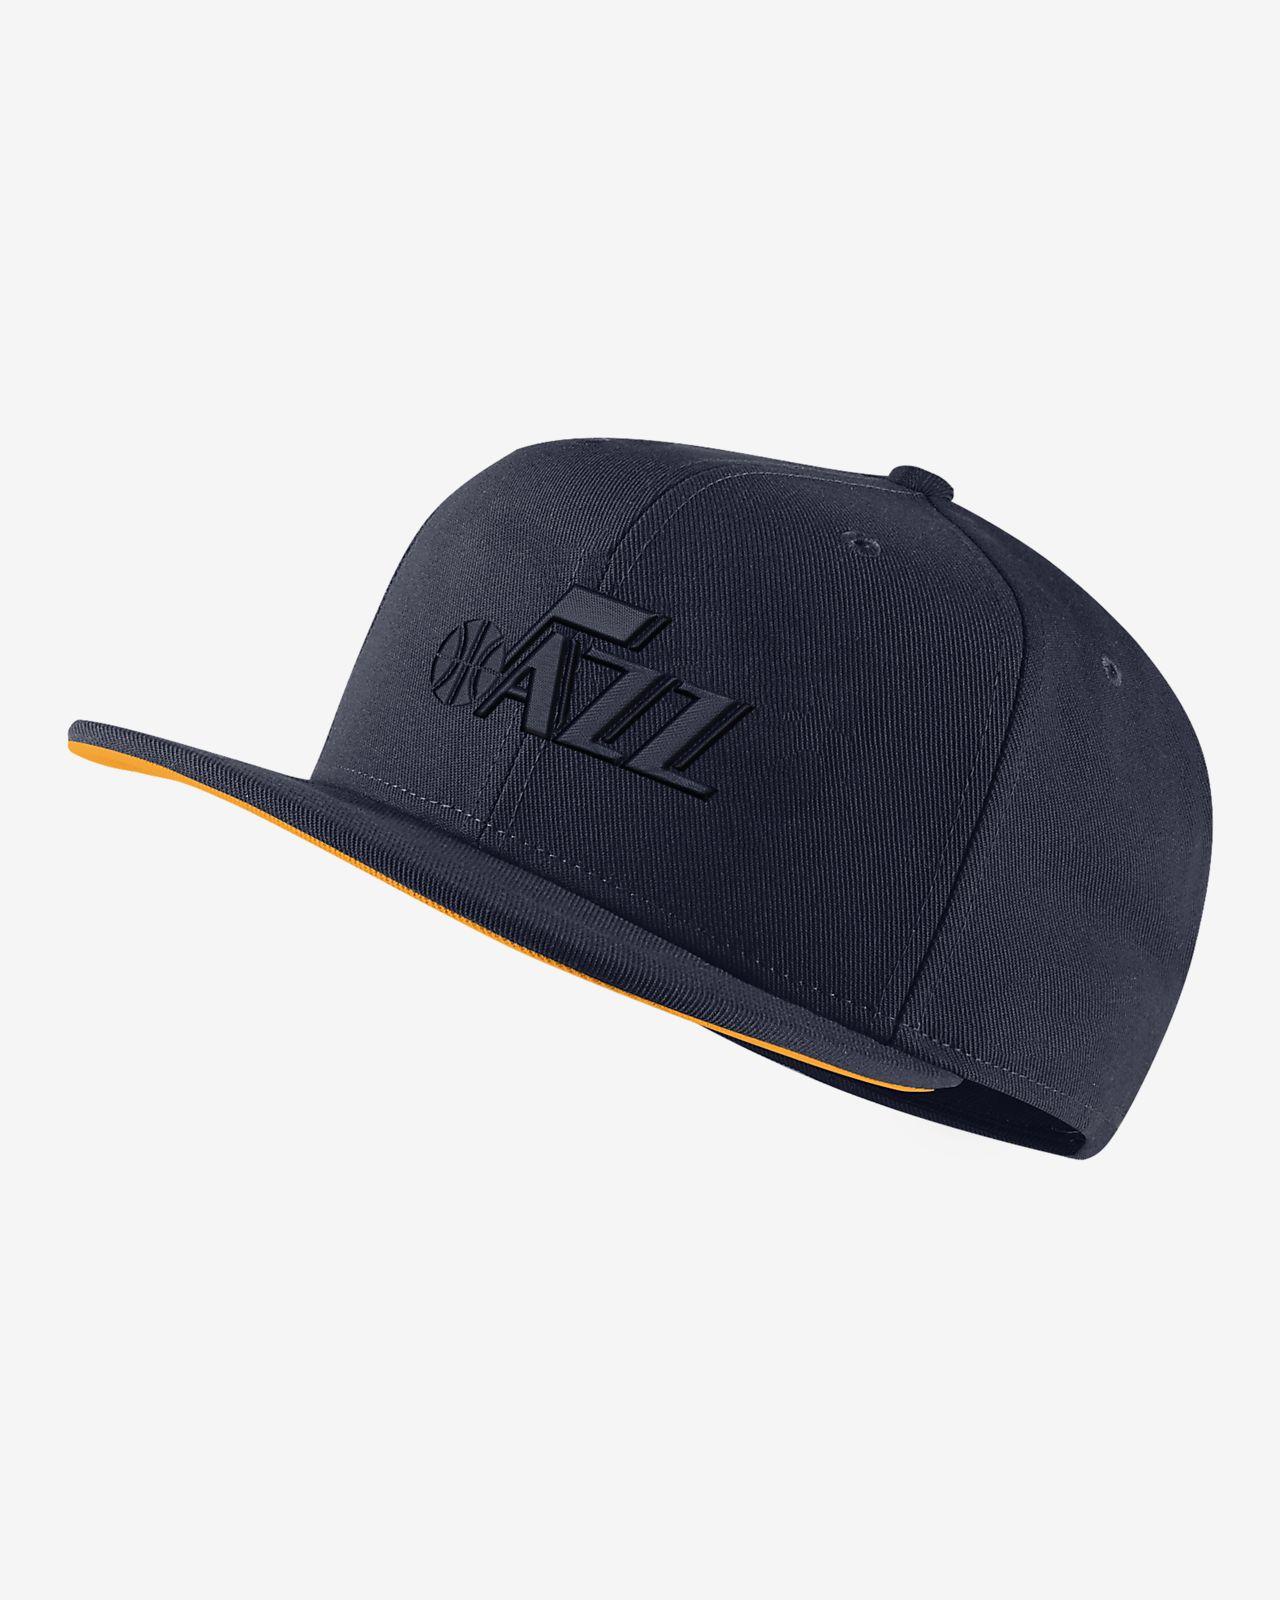 Utah Jazz Nike AeroBill NBA-Cap